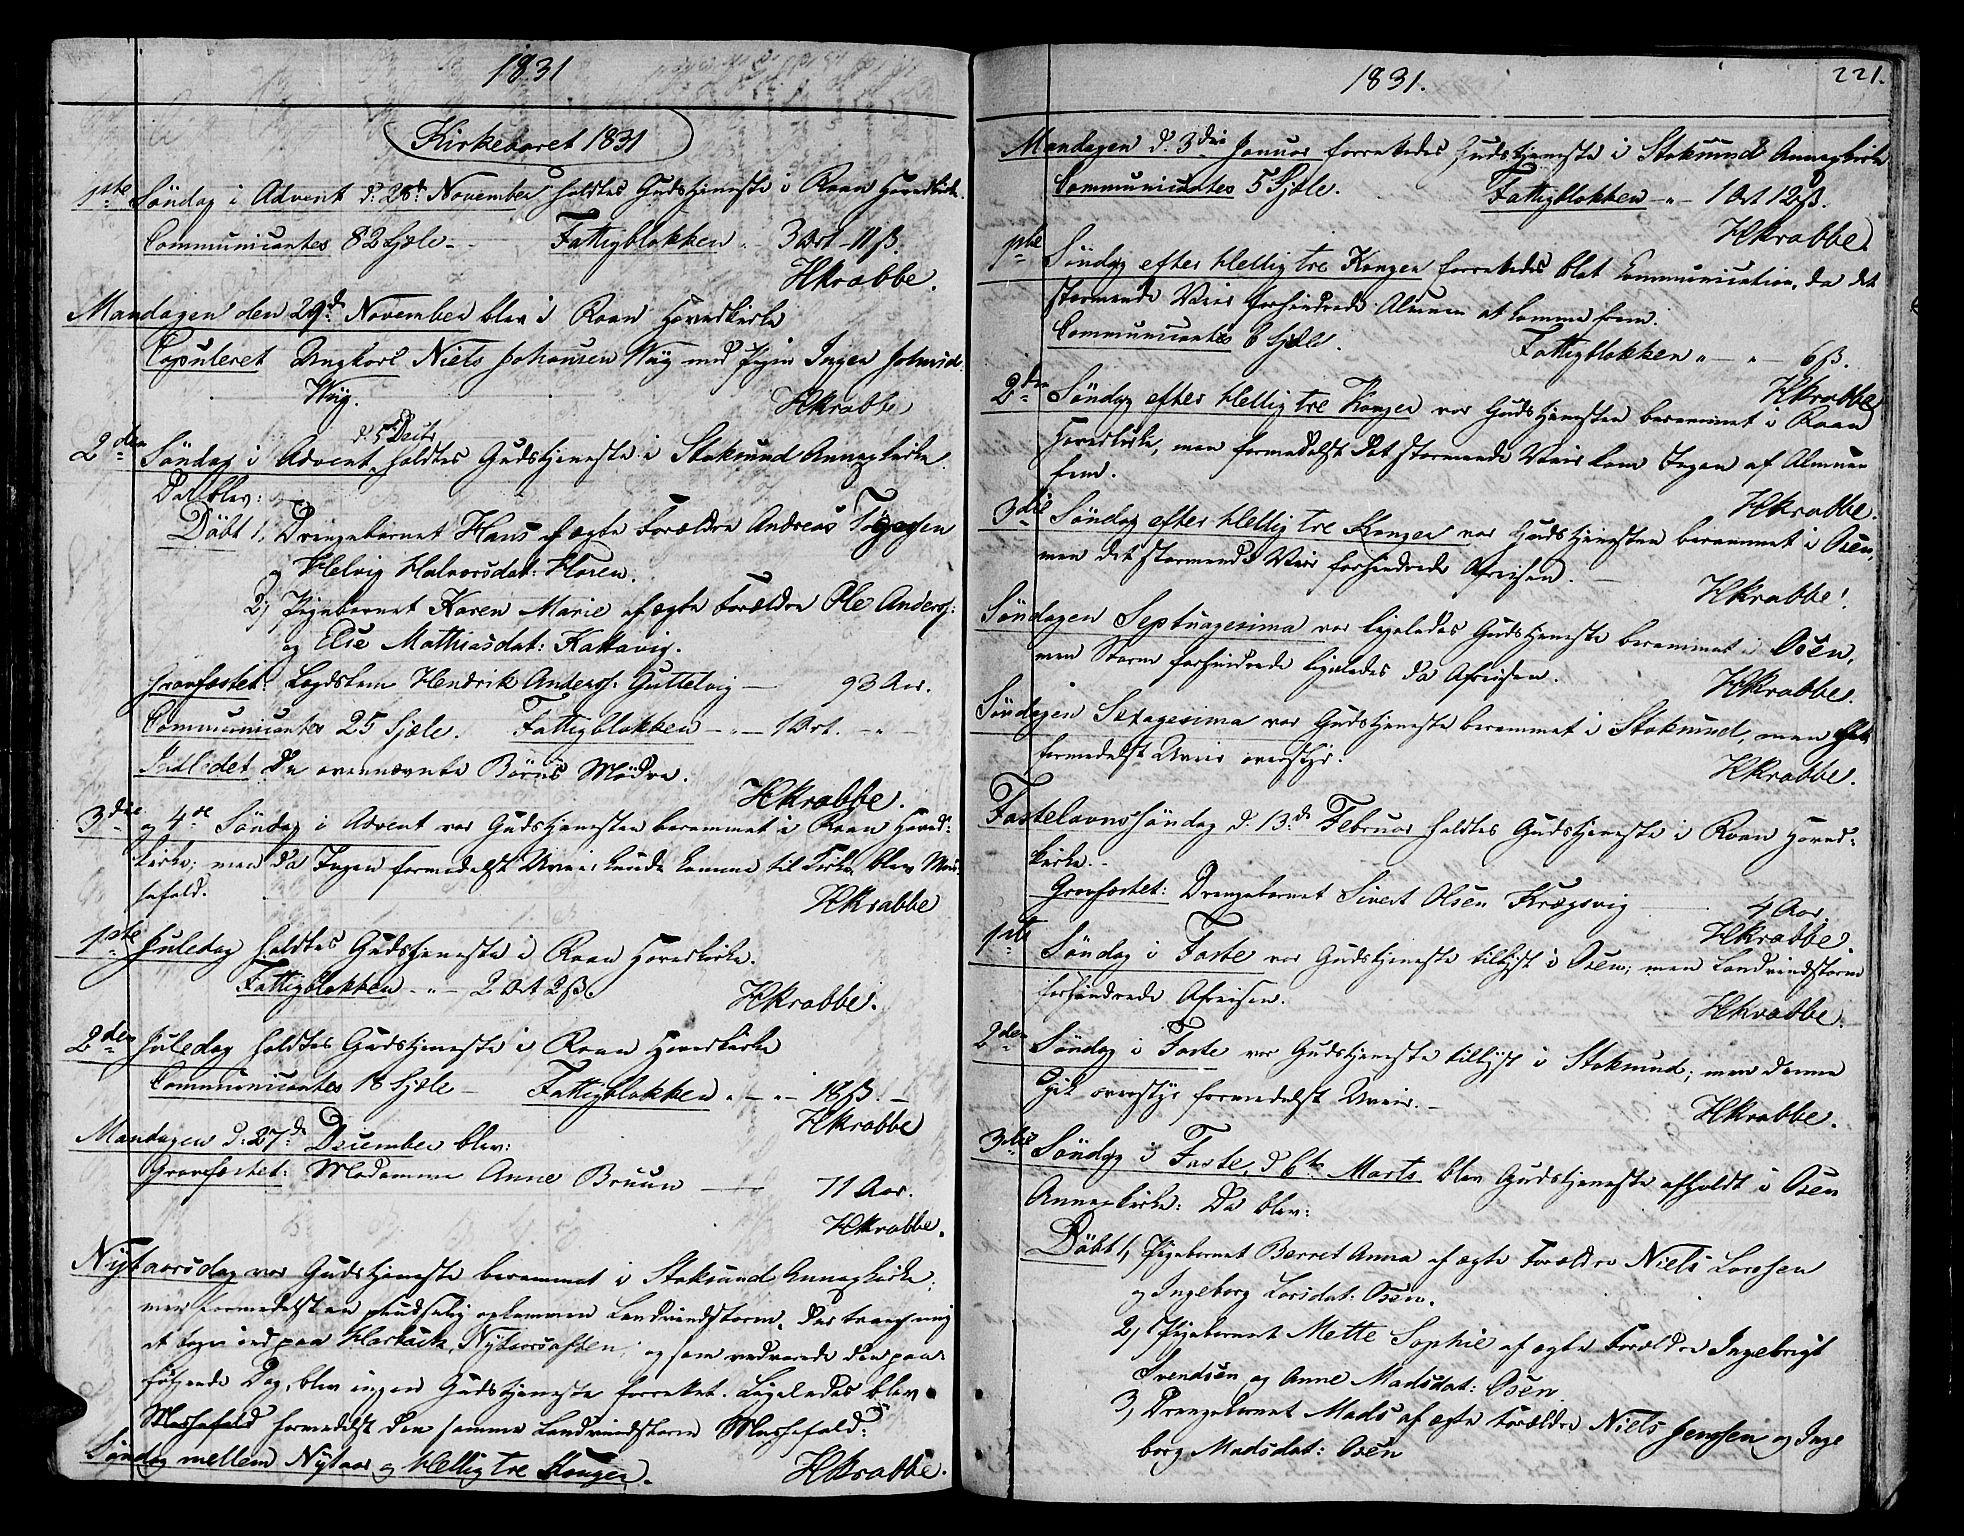 SAT, Ministerialprotokoller, klokkerbøker og fødselsregistre - Sør-Trøndelag, 657/L0701: Ministerialbok nr. 657A02, 1802-1831, s. 221a